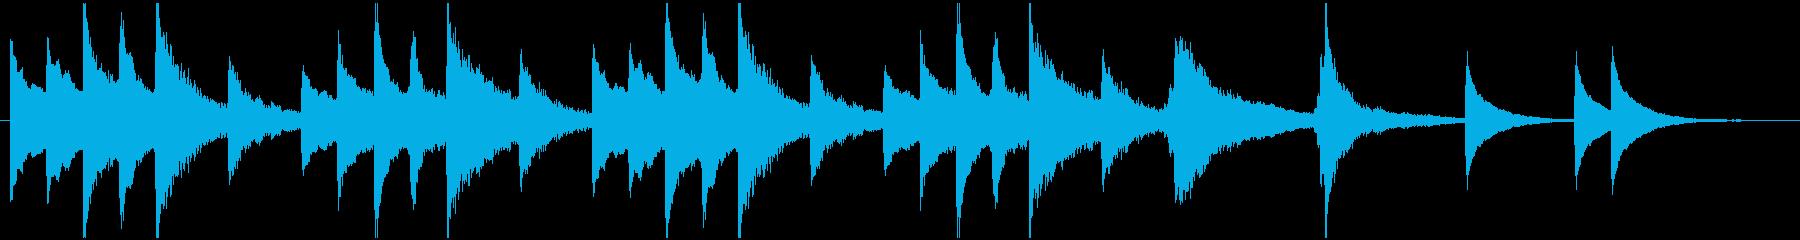 琴の不気味なBGMの再生済みの波形